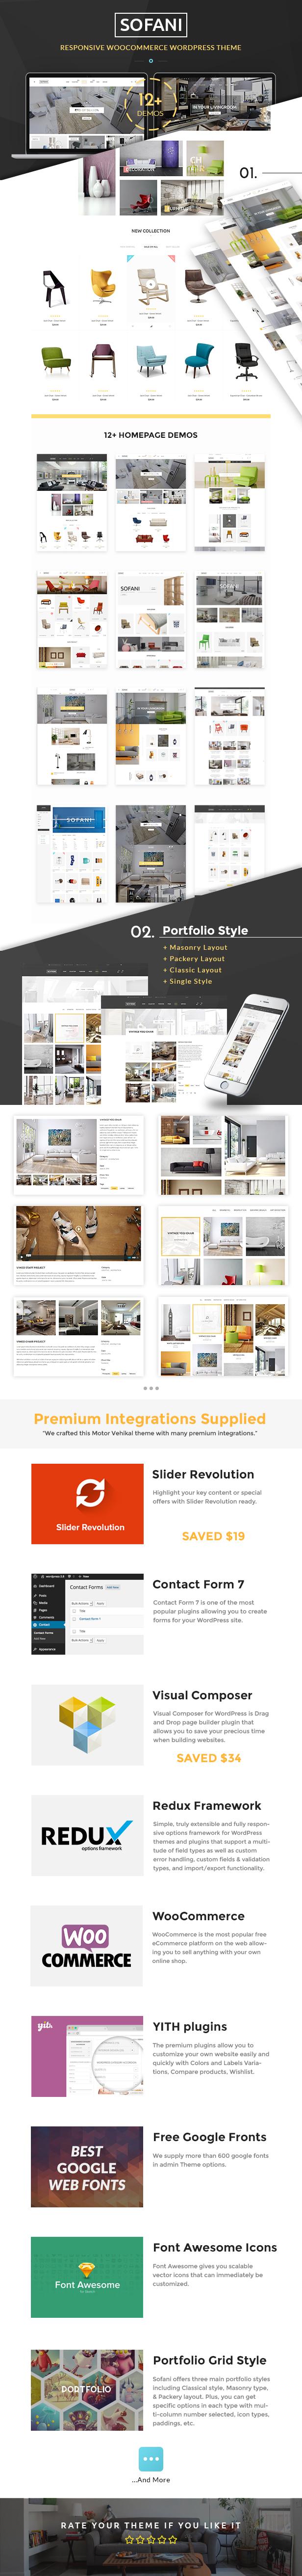 Sofani - Möbelgeschäft WooCommerce WordPress Vorlage